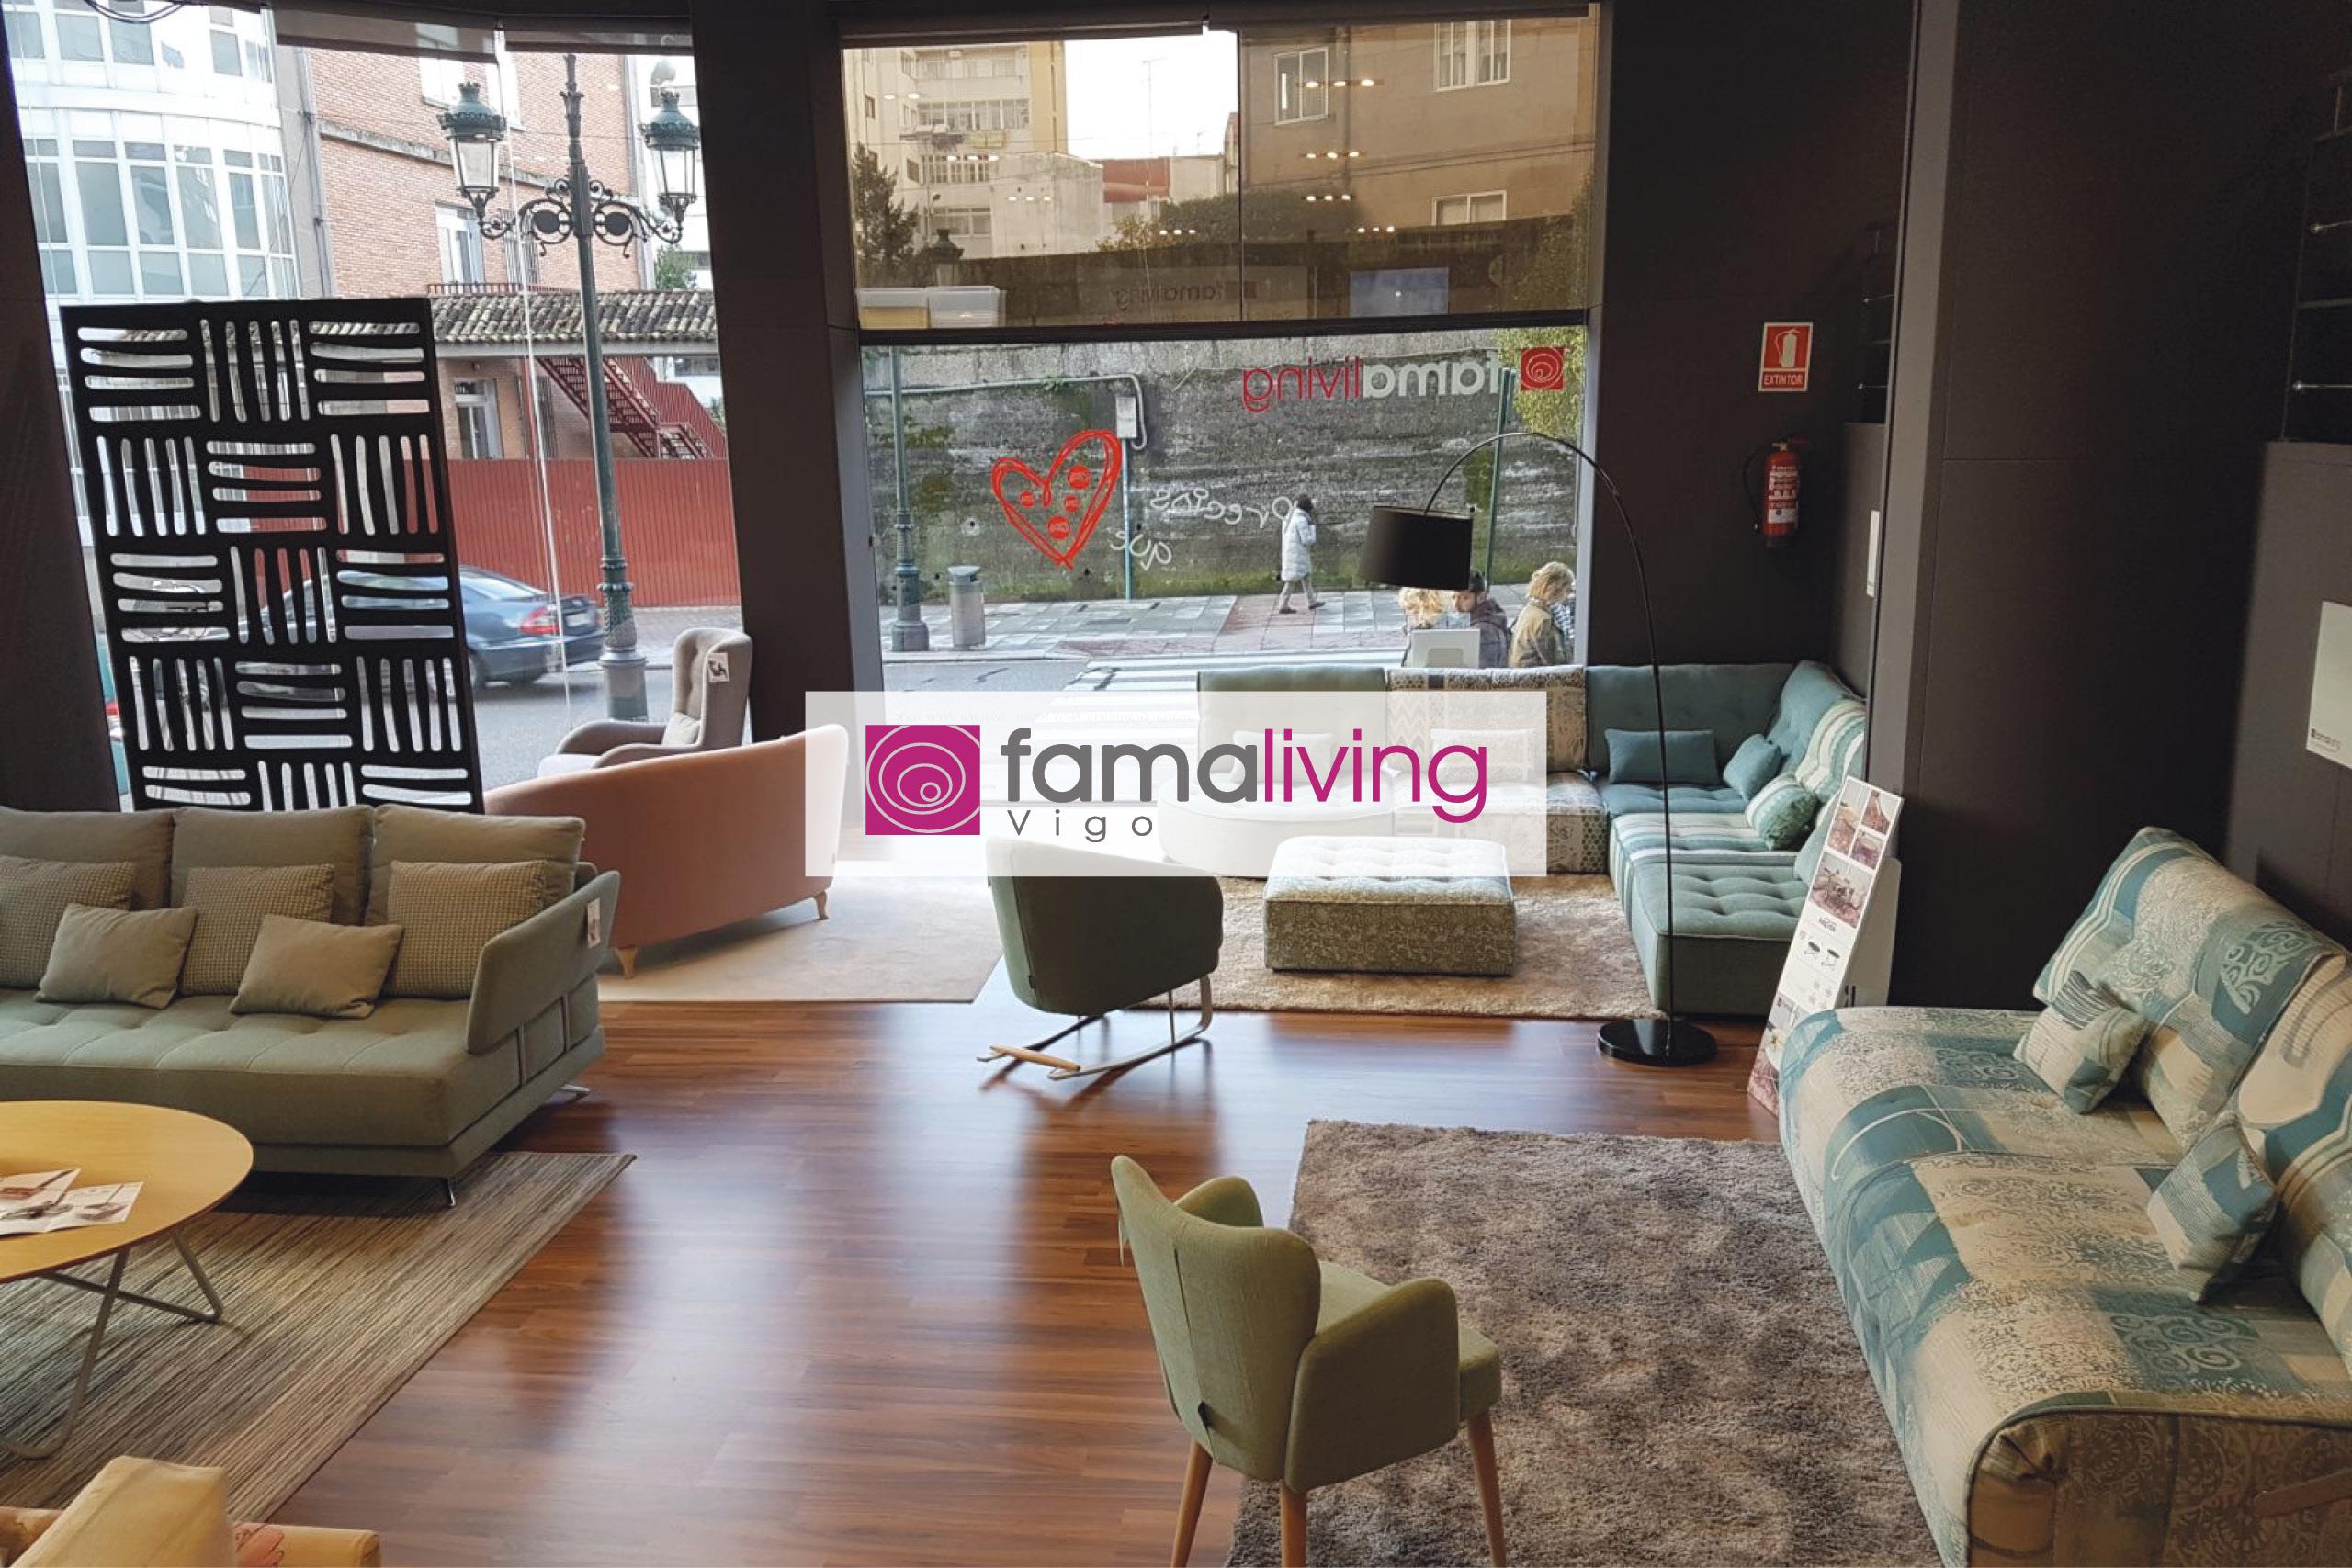 Famaliving Vigo - Tienda de sofás.